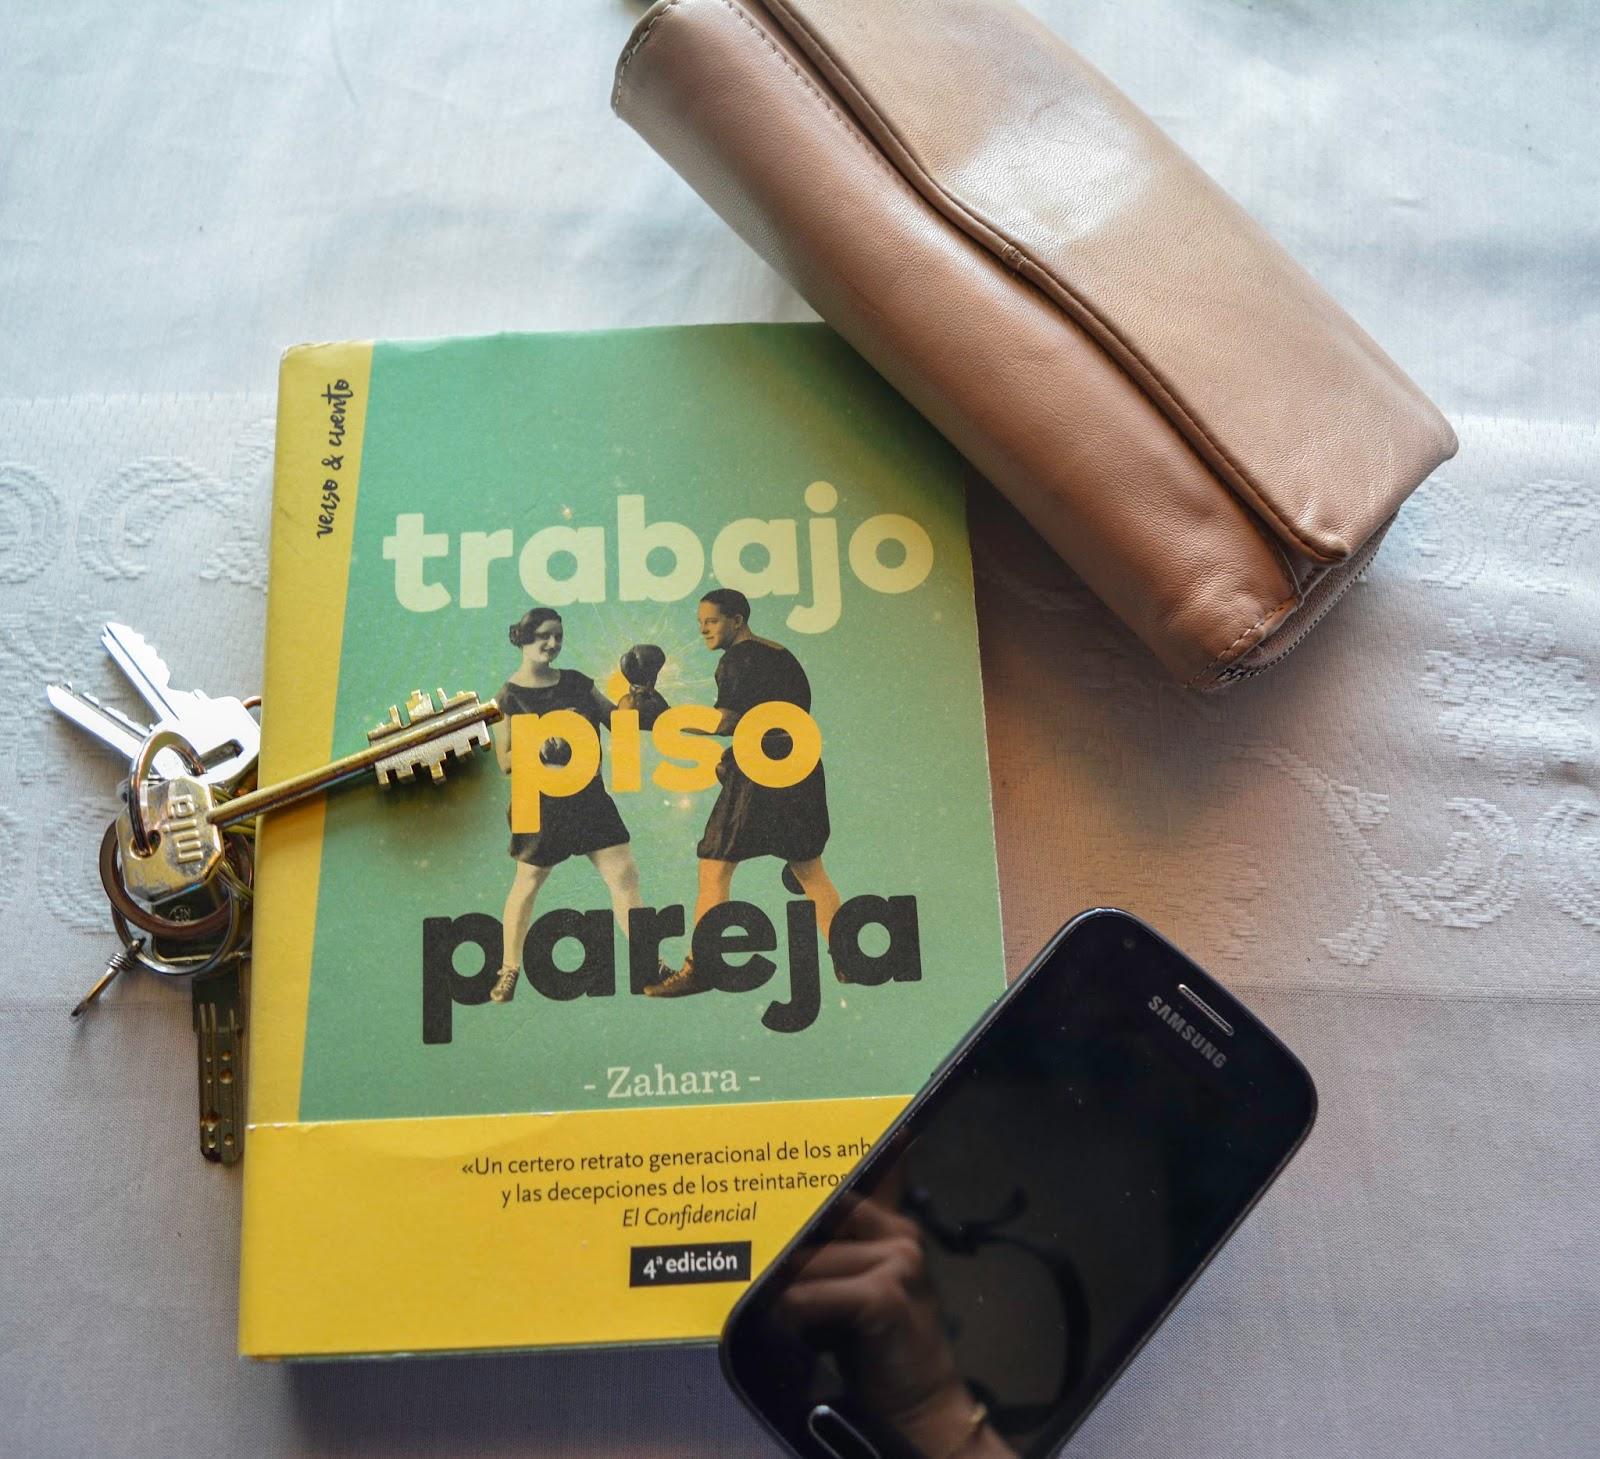 el rinc n de los libros trabajo piso pareja de zahara